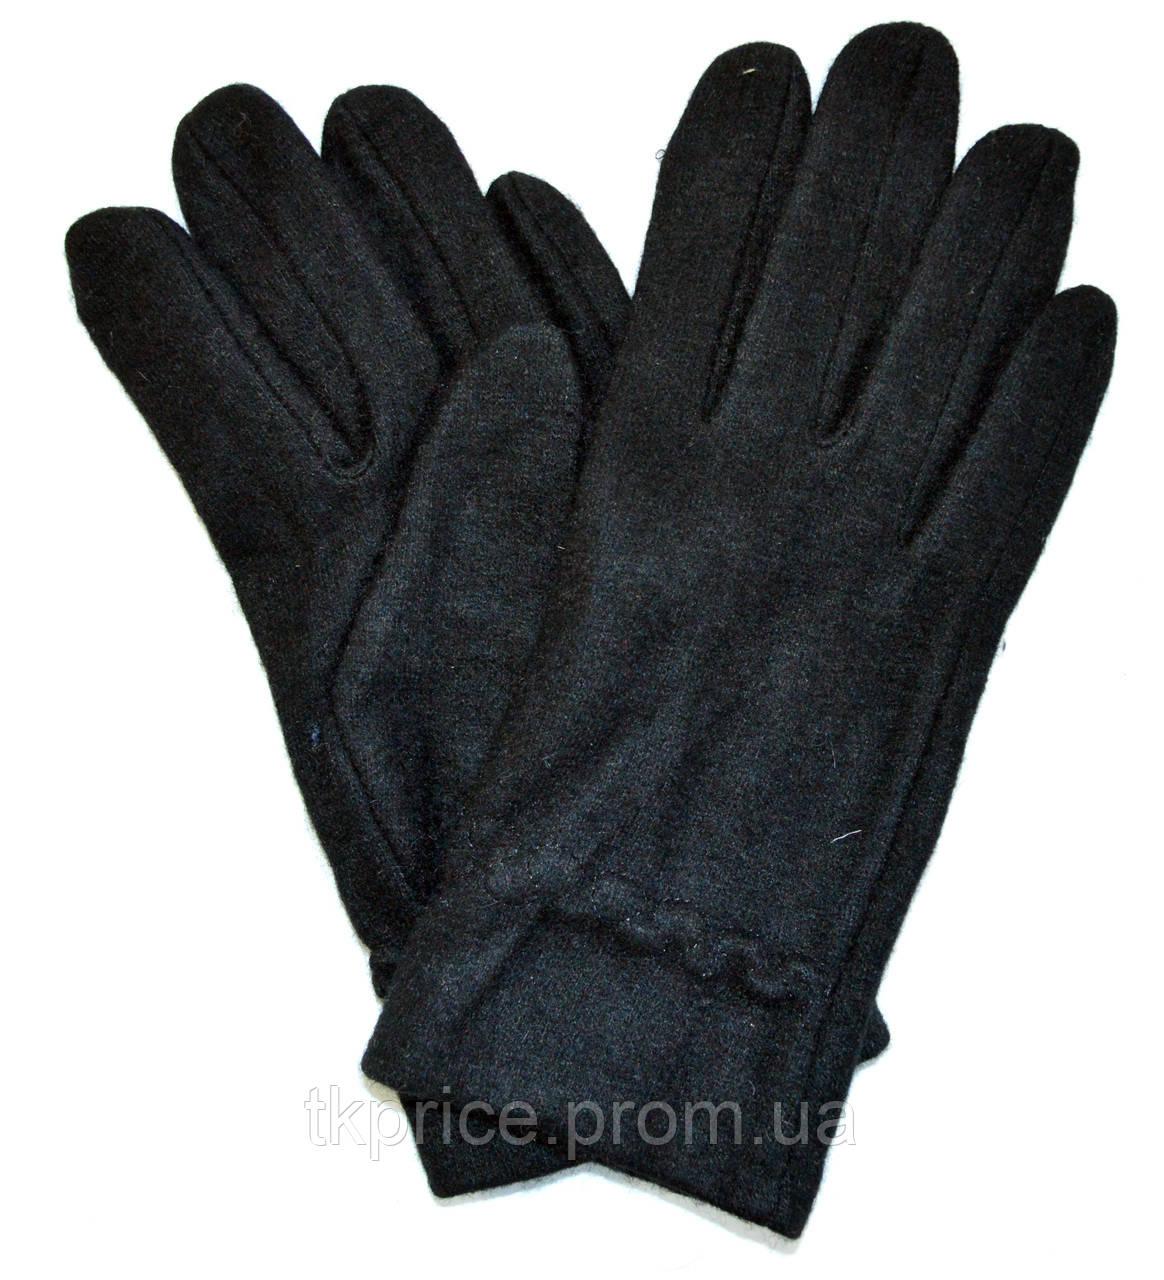 Мужские кашемировые перчатки без подкладки